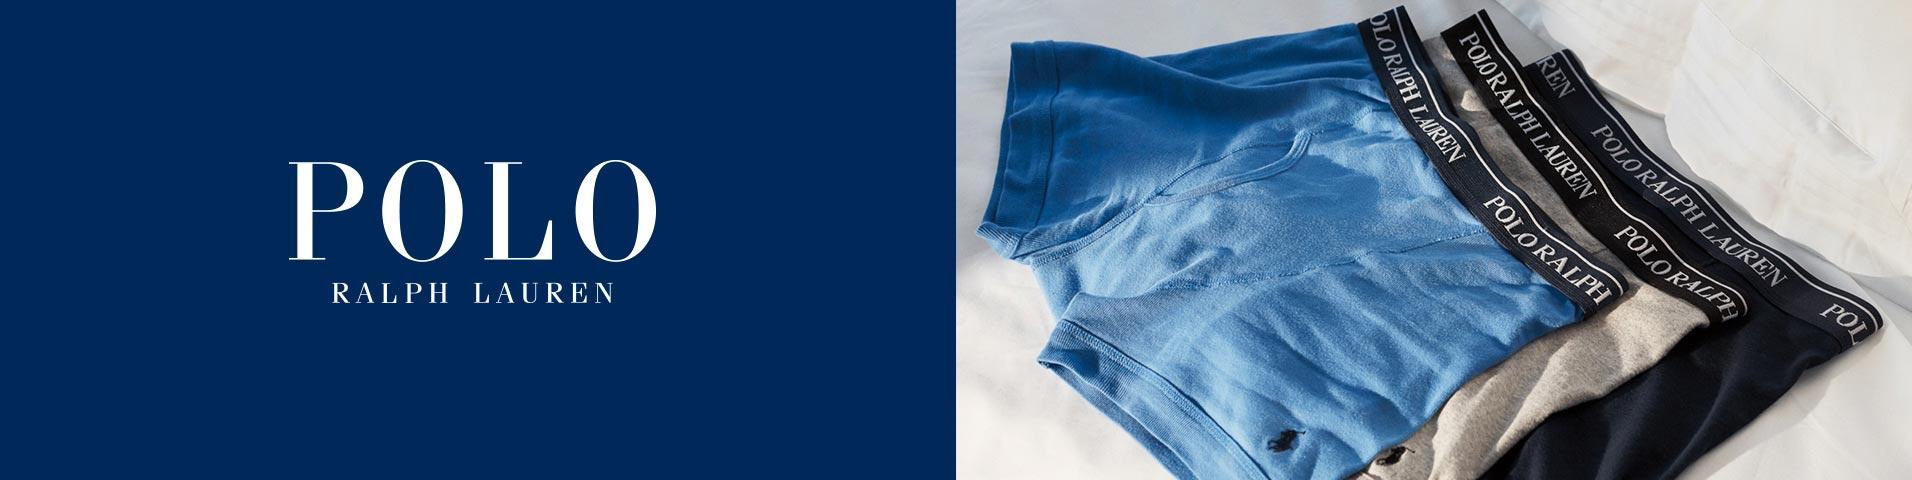 Sous-vêtements homme Polo Ralph Lauren   Tous les articles chez Zalando f9f4cd62721d